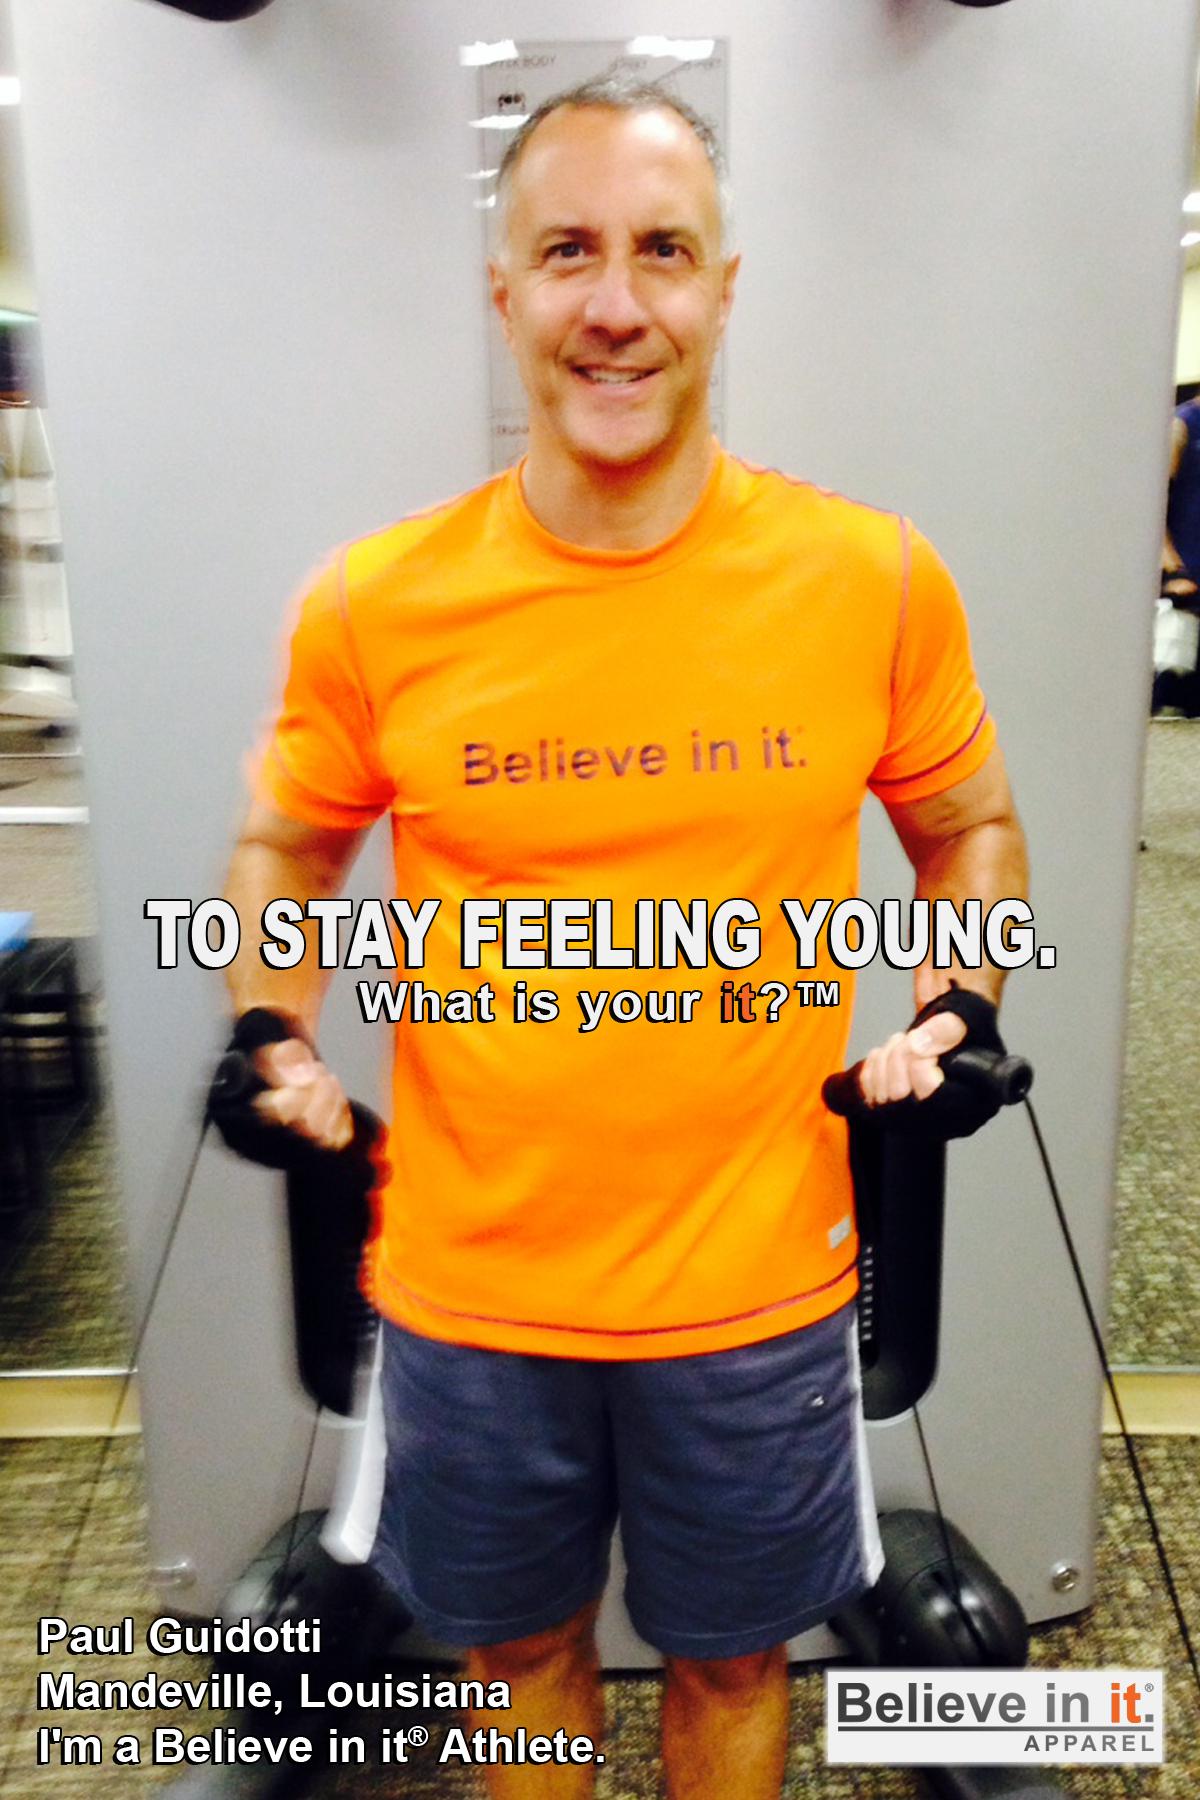 Paul Guidotti Believe in it Athlete